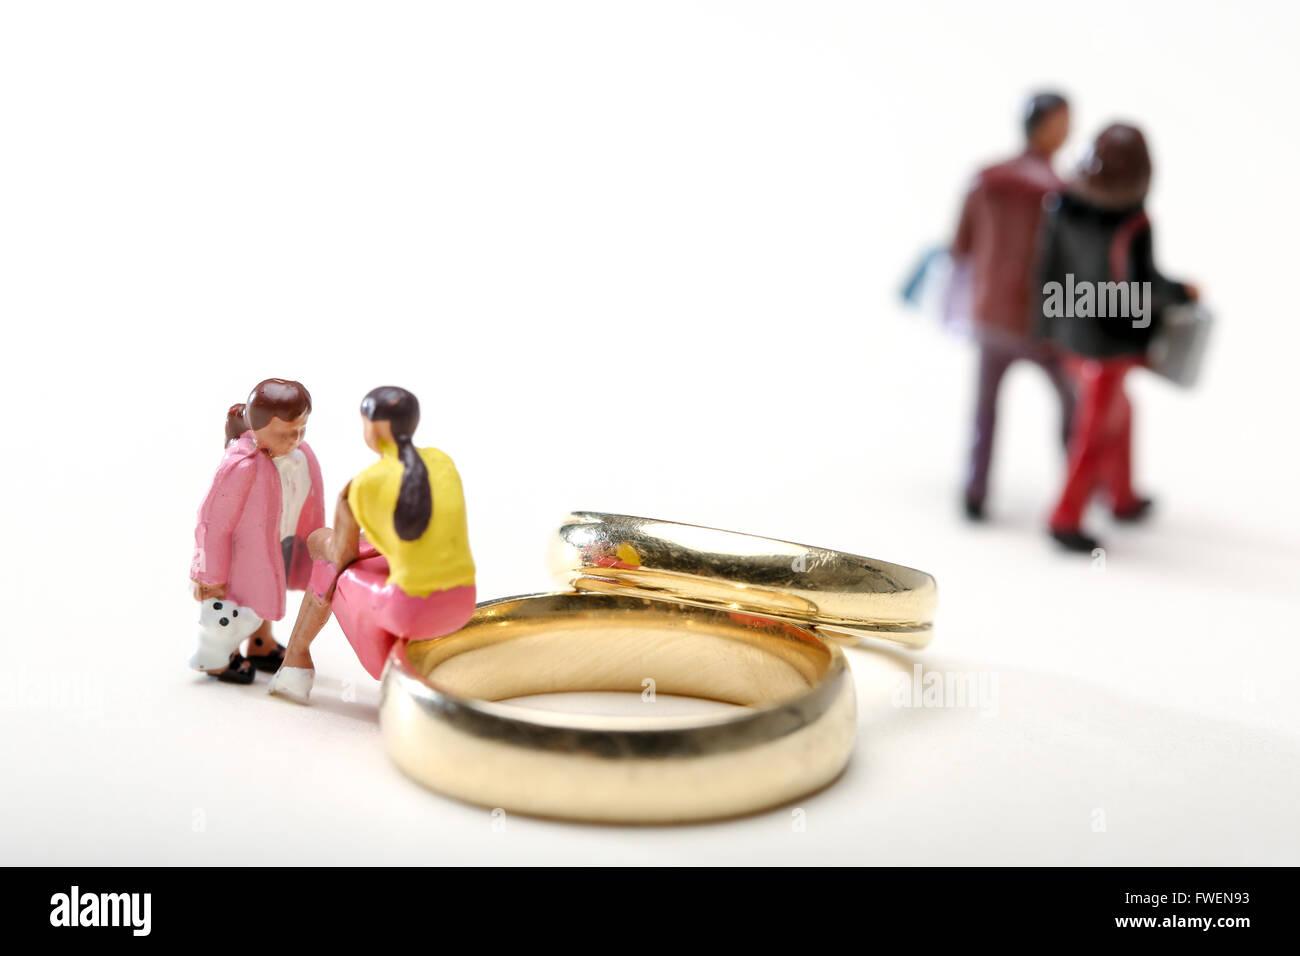 Concepto de imagen una mujer sentado sobre los anillos de boda hablando a un niño para ilustrar los efectos Imagen De Stock